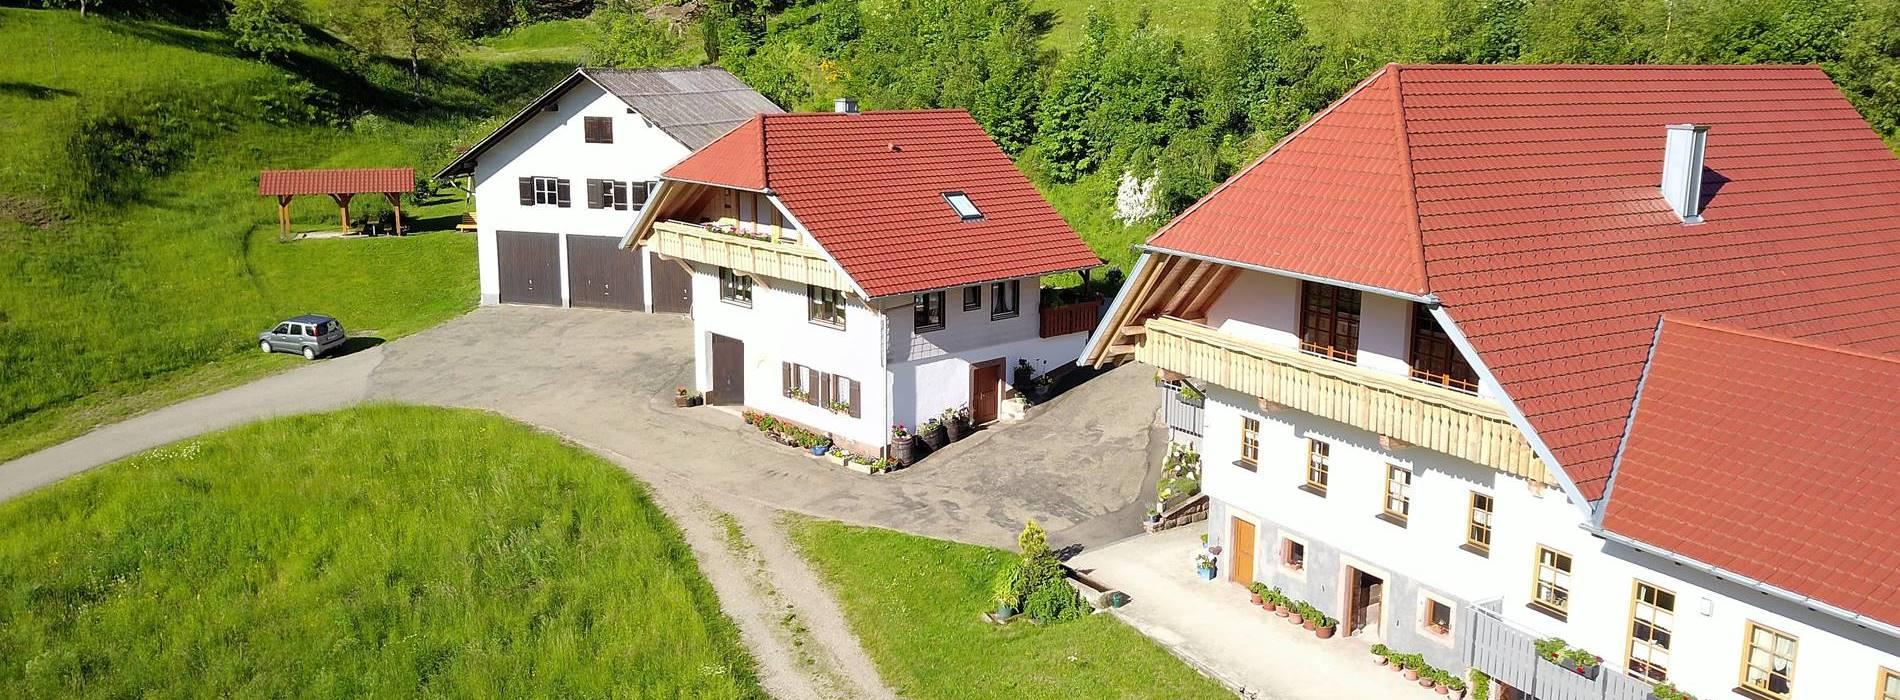 Drohnenfoto vom Stinneshof mit Ferienwohnung im Mittelpinkt